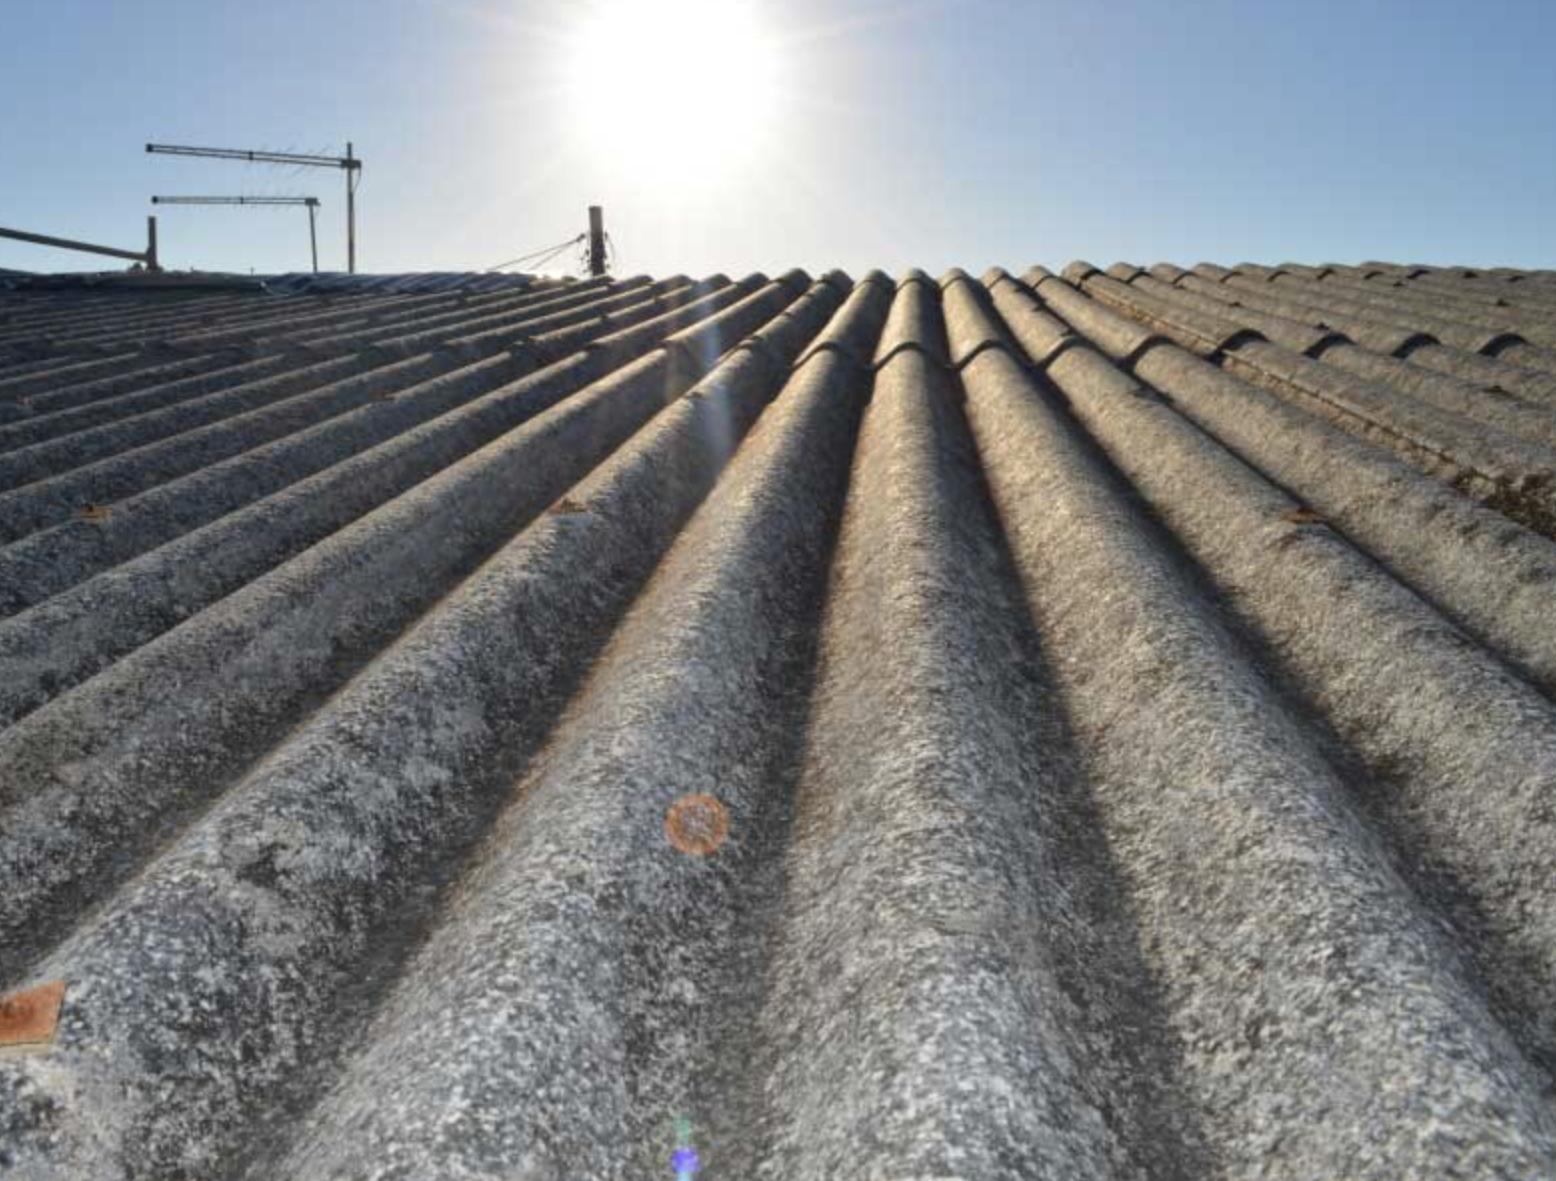 Contributi alle imprese per la rimozione e lo smaltimento dell'amianto. Termini per la presentazione della domanda 28 Febbraio 2018.